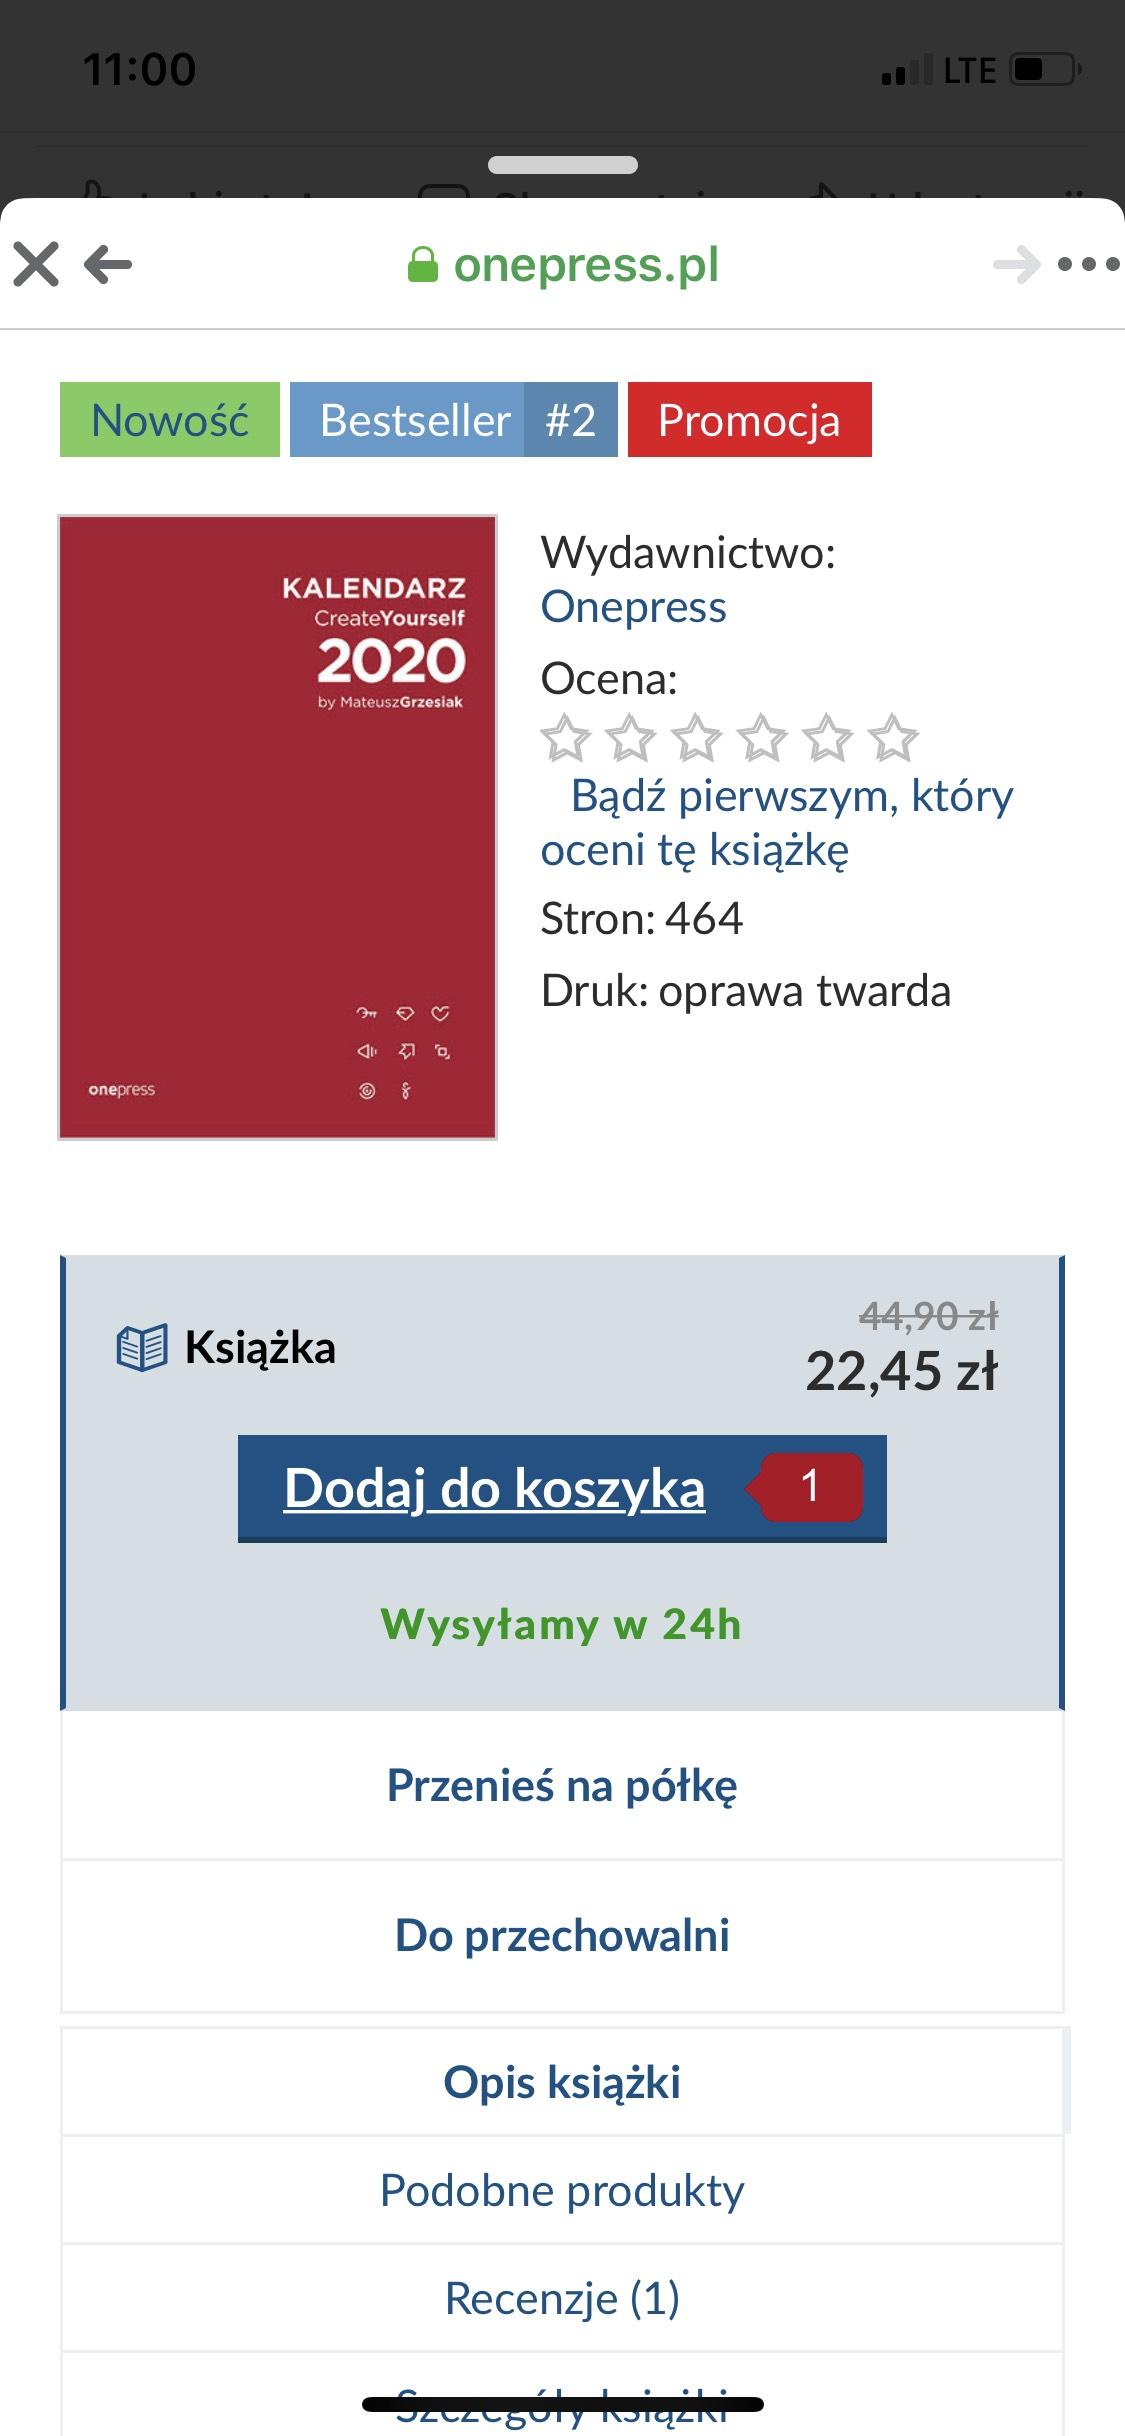 Kalendarz 2020 Create Yourself - planer, organizer